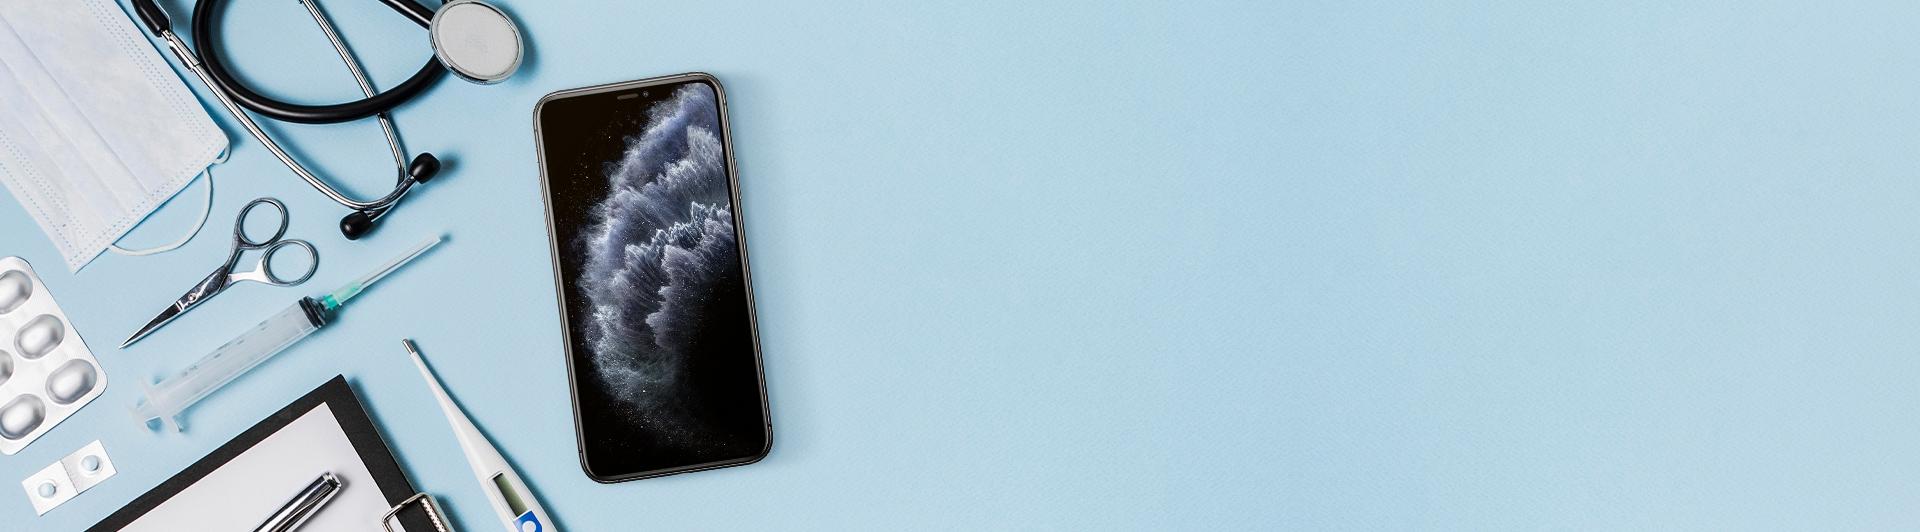 Điện thoại iPhone 11 Pro Max 64GB Xám